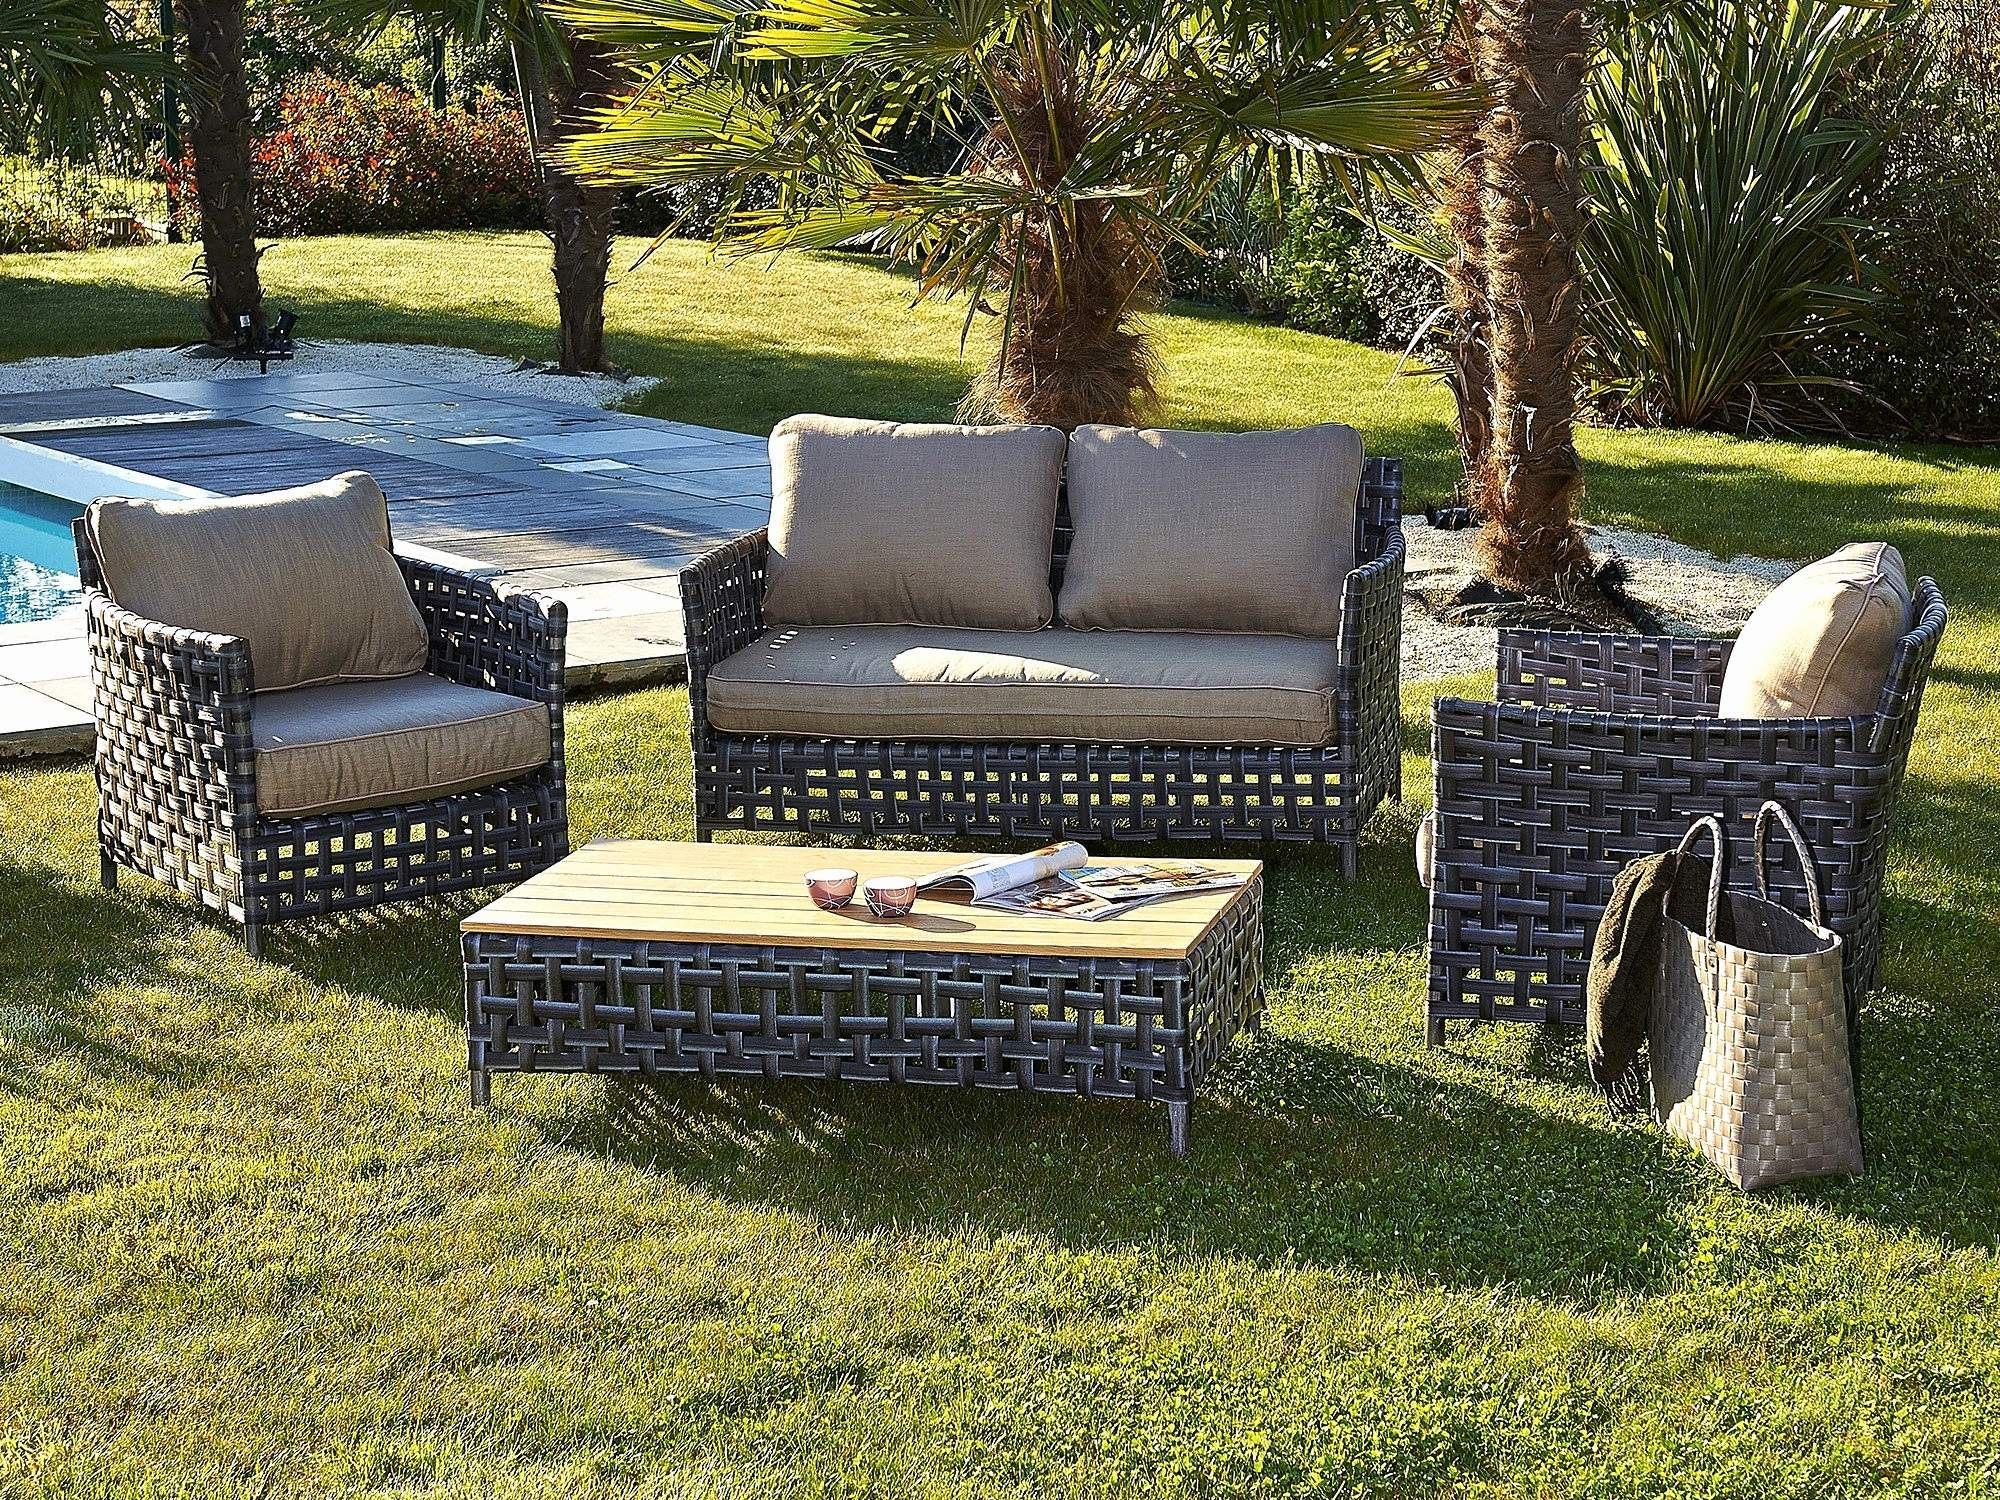 meuble de jardin pas cher agreable enchantant salon de jardin pas cher ikea et ikea salon de jardin de meuble de jardin pas cher